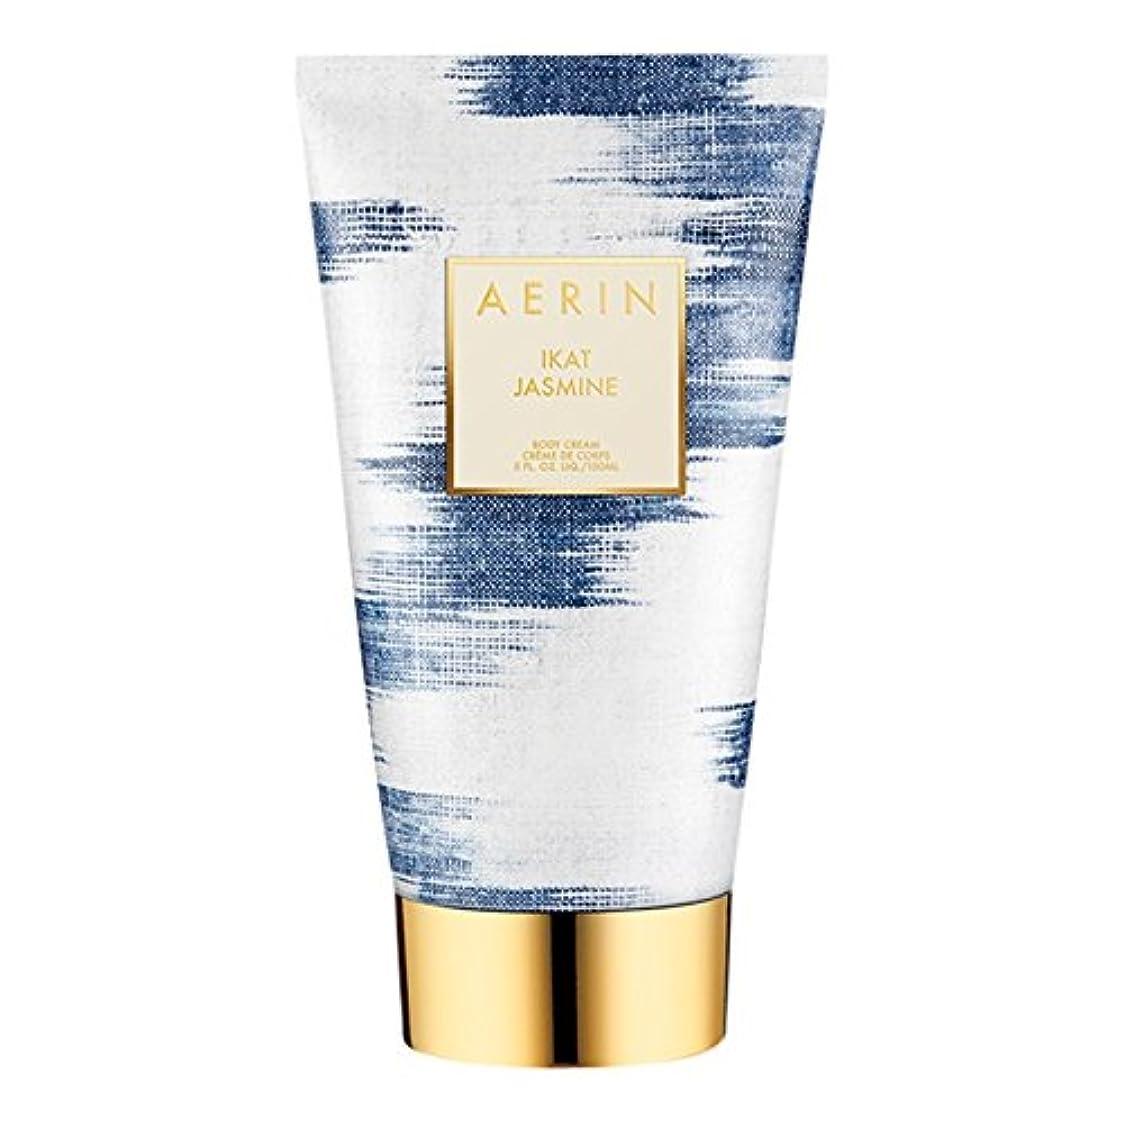 南東出会いドキドキAerinイカットジャスミンボディクリーム150ミリリットル (AERIN) (x6) - AERIN Ikat Jasmine Body Cream 150ml (Pack of 6) [並行輸入品]